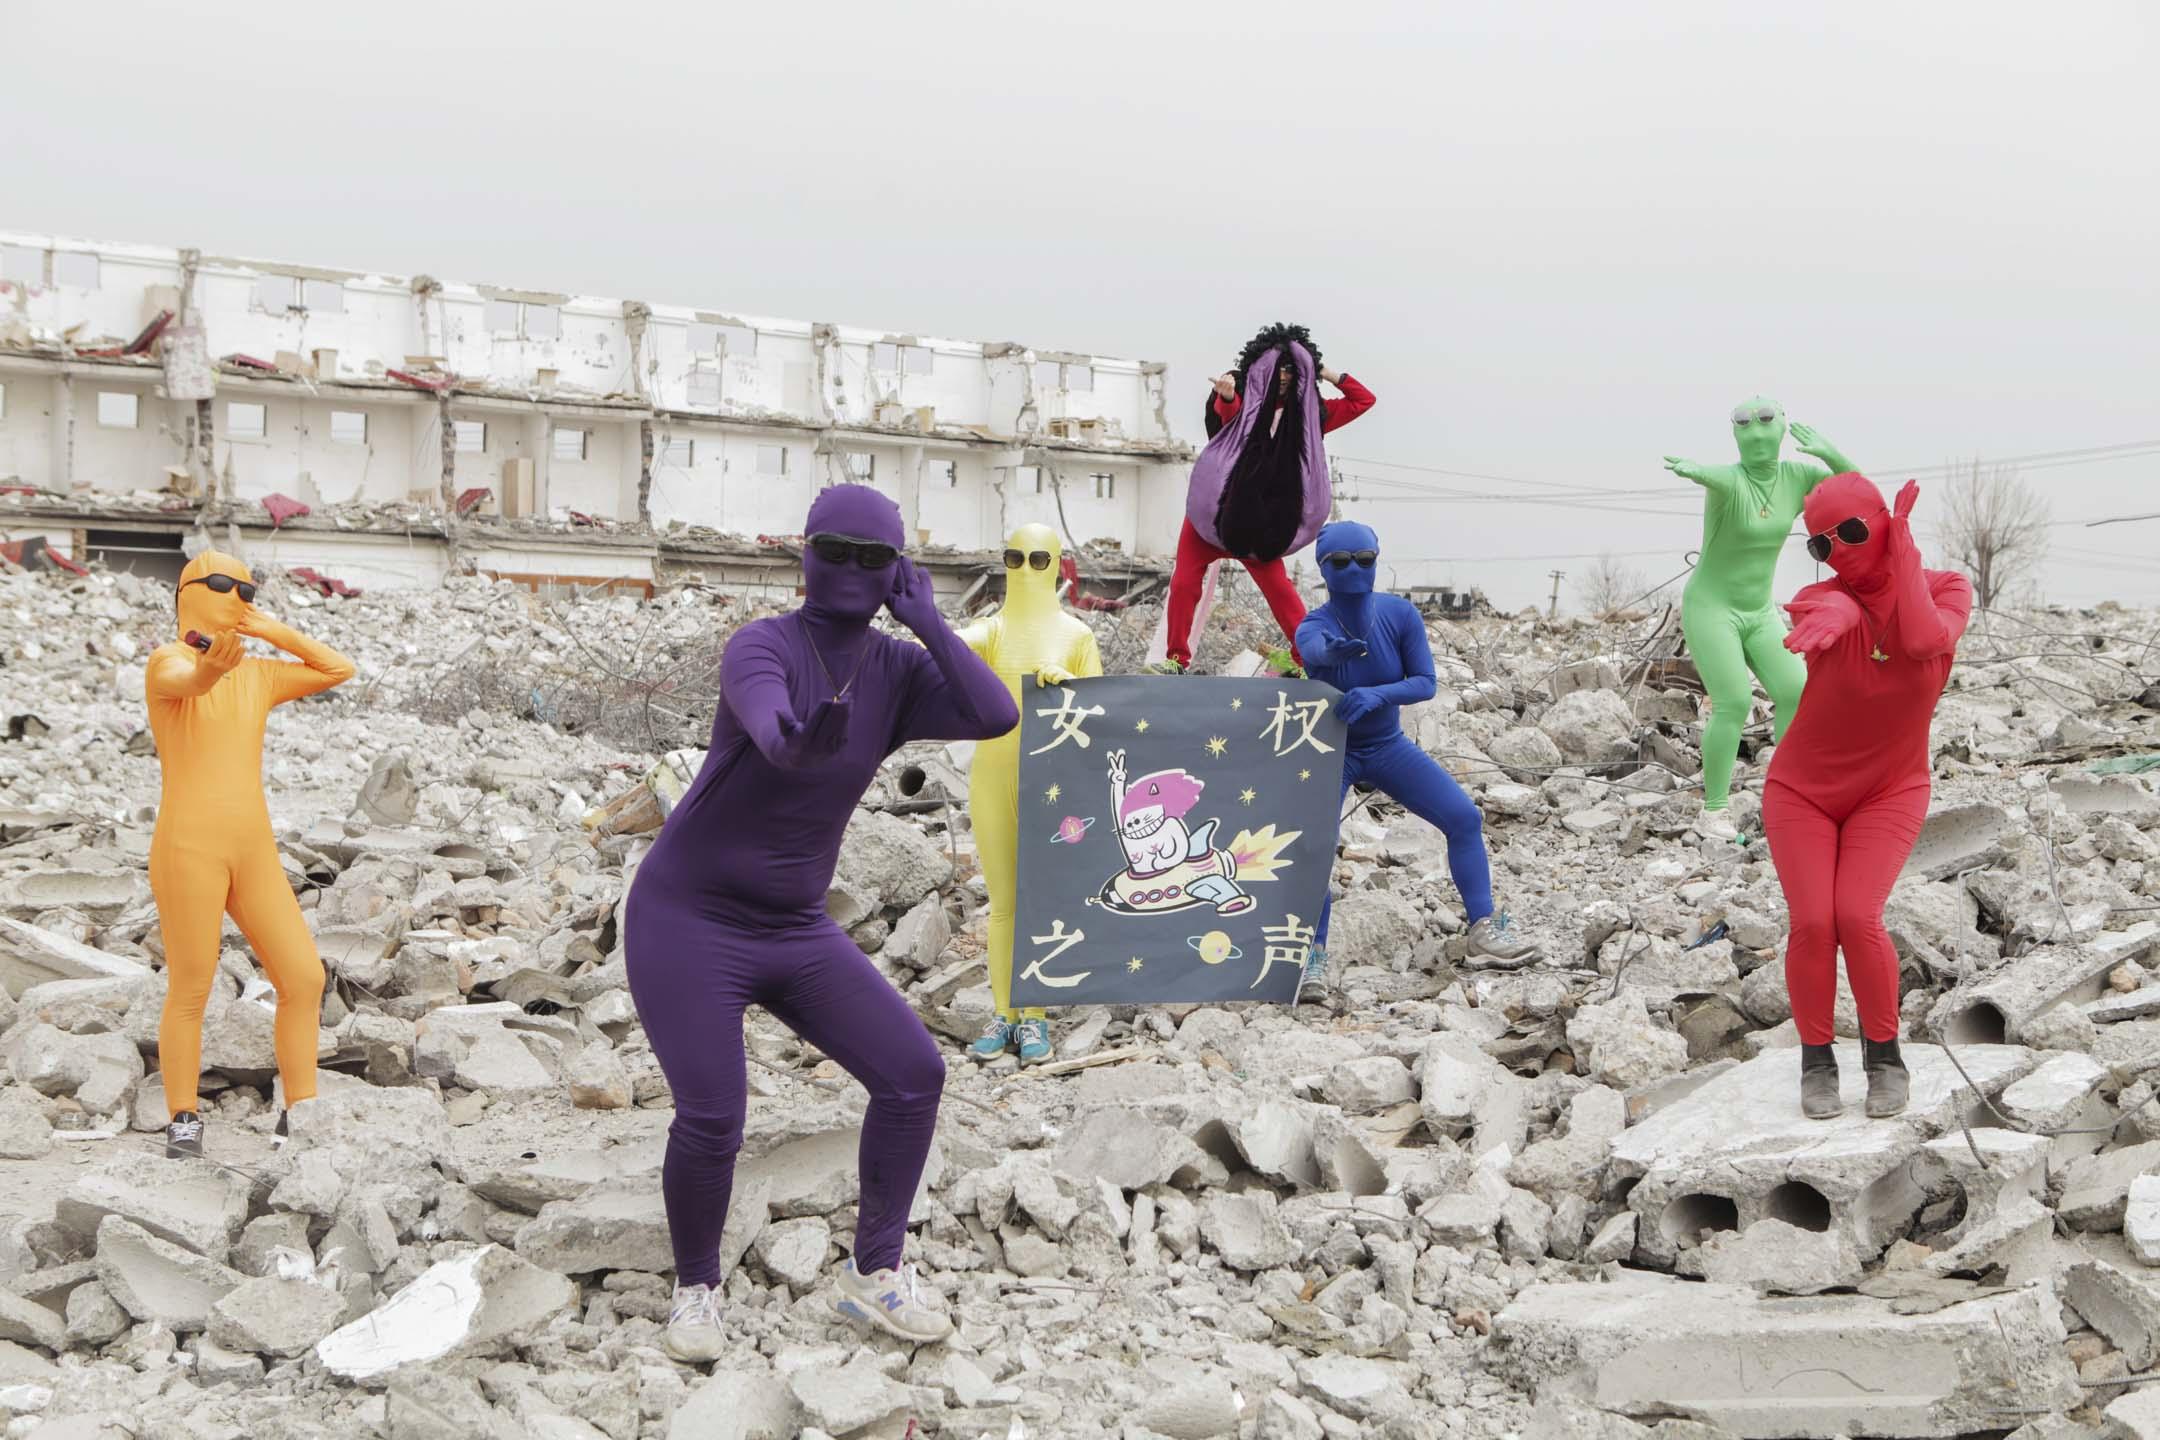 2018年3月16日,「女聲」被封的第七天,北京的幾個女權主義者給「女聲」做了一個別開生面的葬禮。在北京城郊的廢墟上,女權主義者們換上了借來的彩虹色連體衣,帶上墨鏡,盡情地在荒涼中舞動身體。「女聲頭七,墳頭蹦迪」是她們為這次行為藝術起的名字。